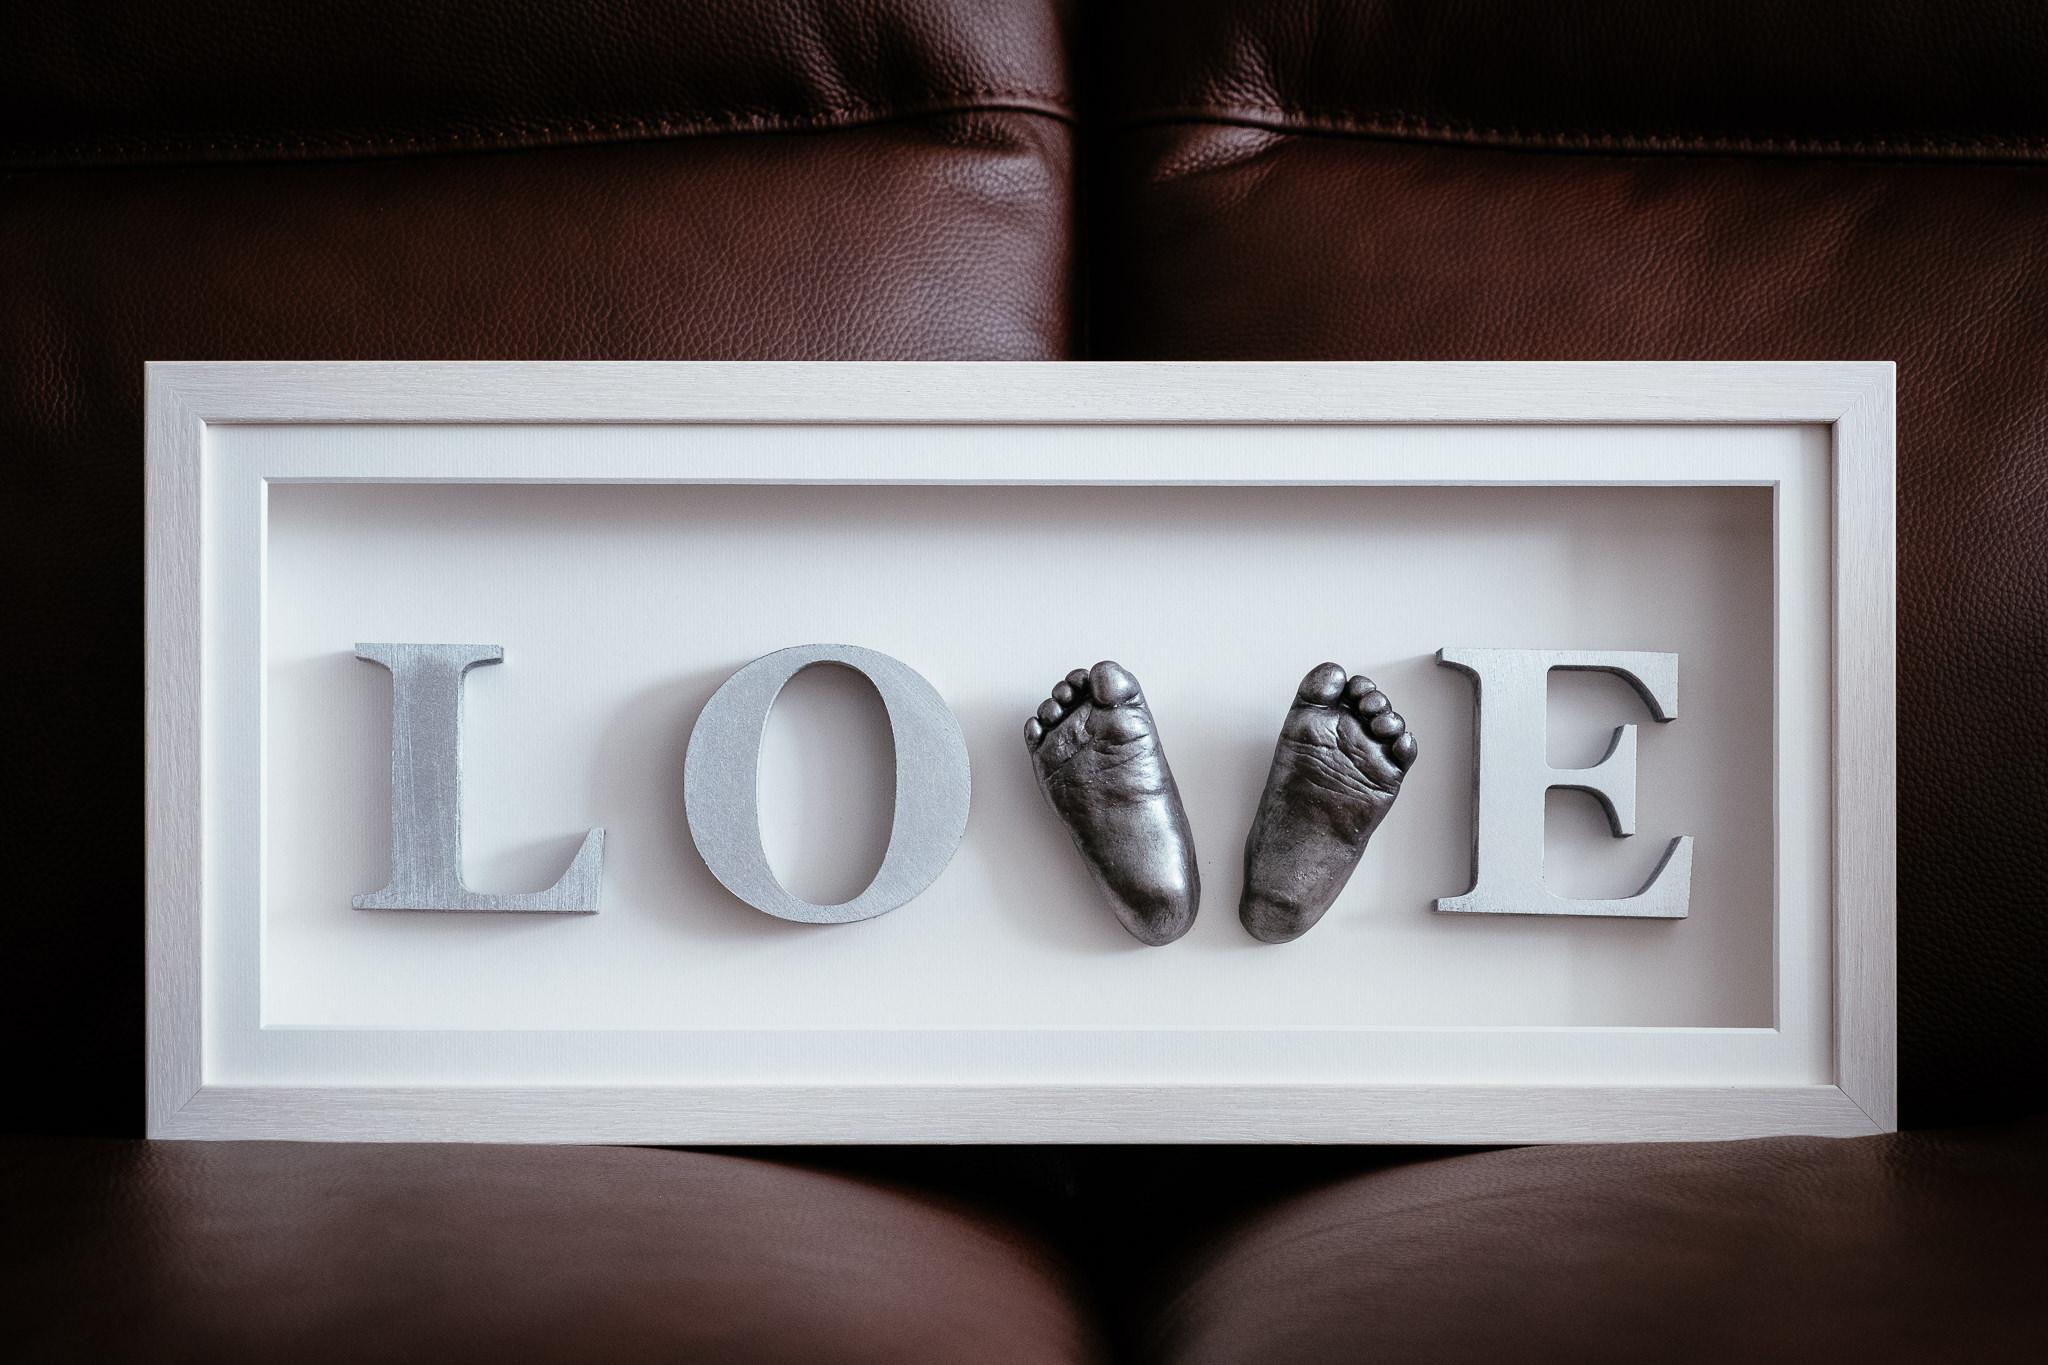 baby-hand-foot-casts-framed-dublin-ireland-11037.jpg